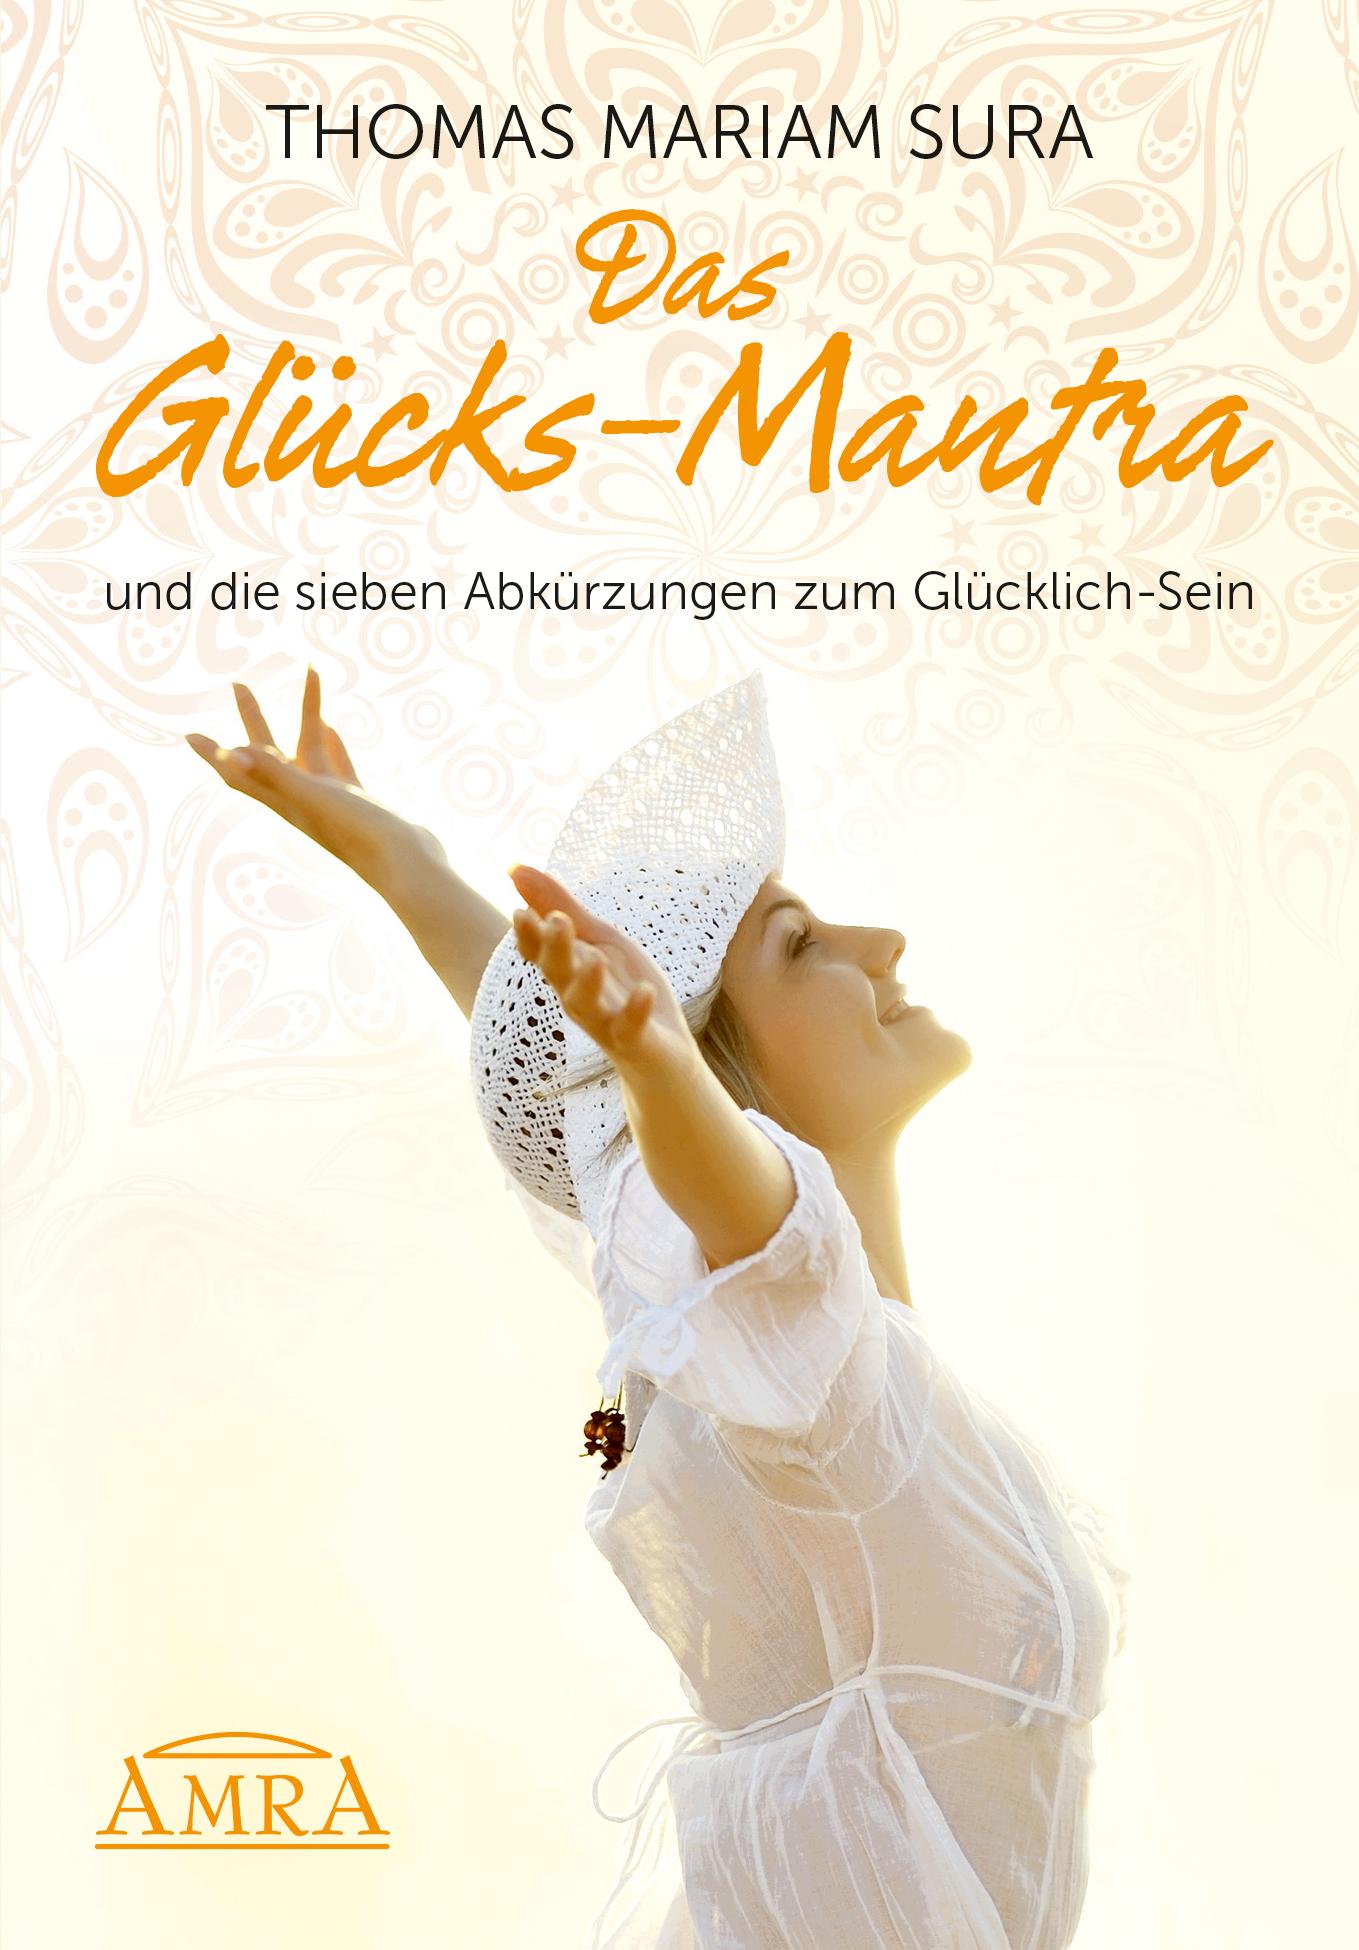 цена Thomas Mariam Sura Das Glücks-Mantra und die sieben Abkürzungen zum Glücklich-Sein онлайн в 2017 году